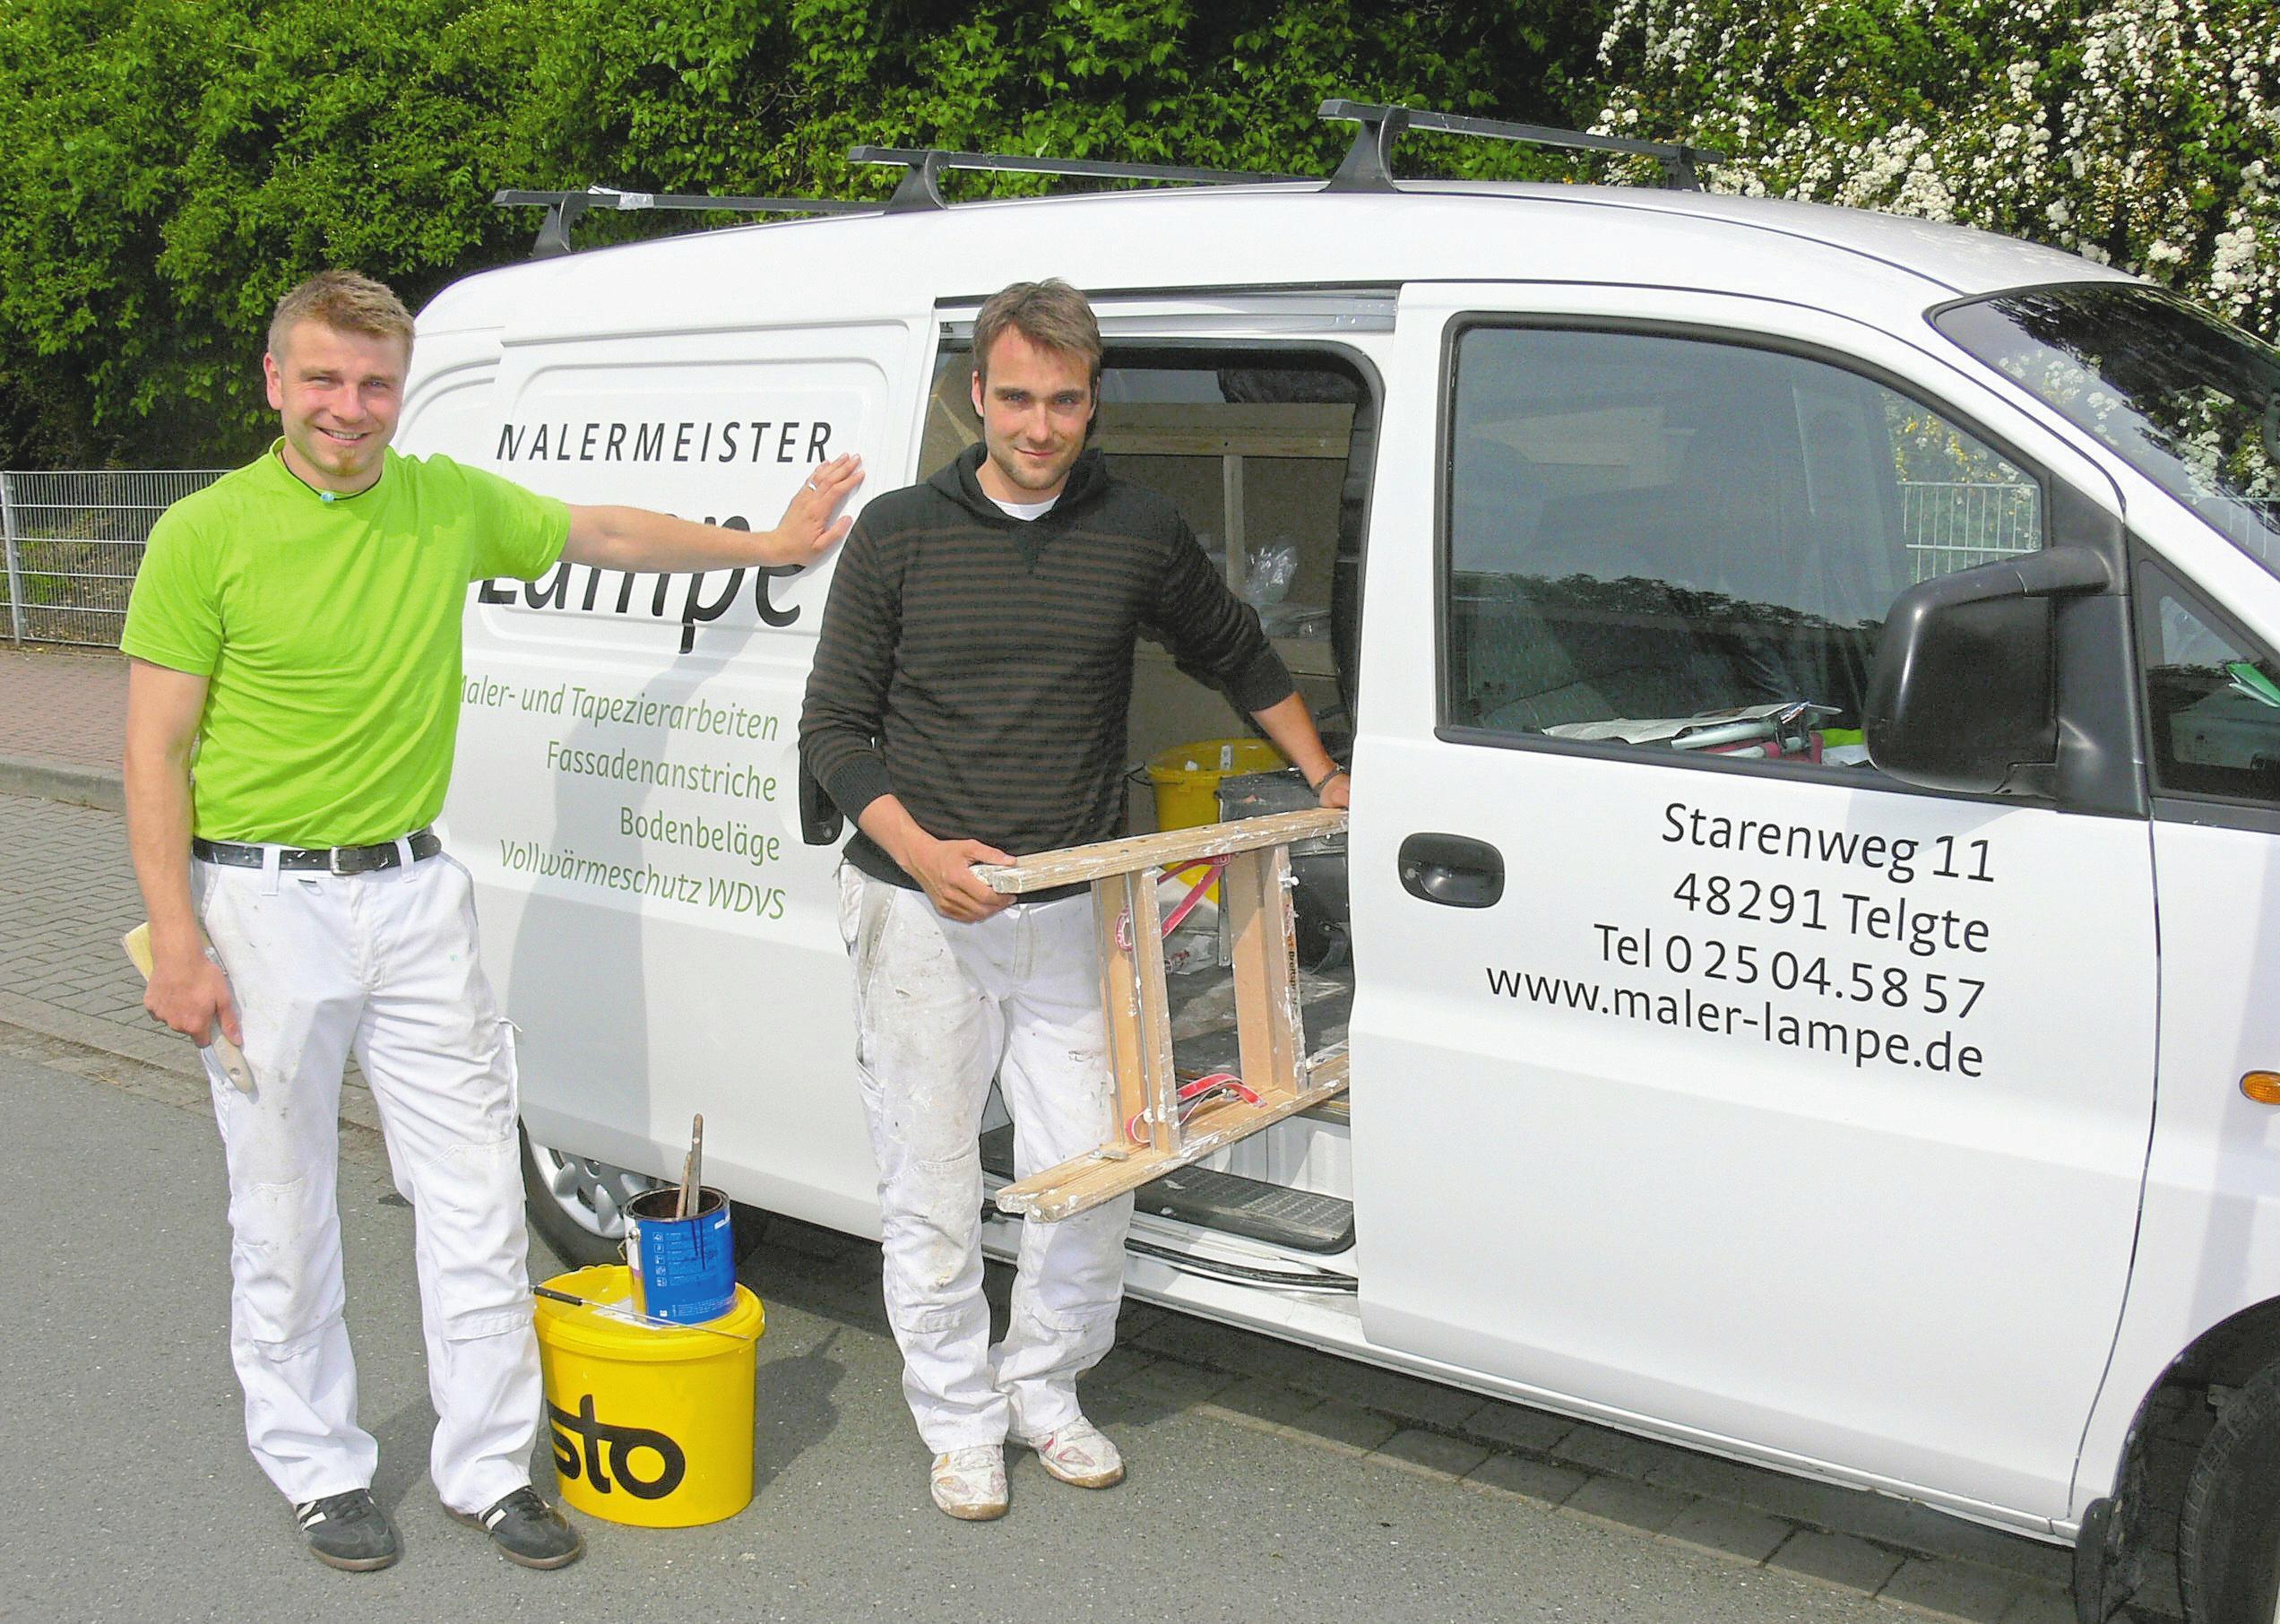 So fing alles an: Malermeister Dirk Lampe (l.) und sein Mitarbeiter Andreas Lohmann im Einsatz. Foto: Fa. Lampe